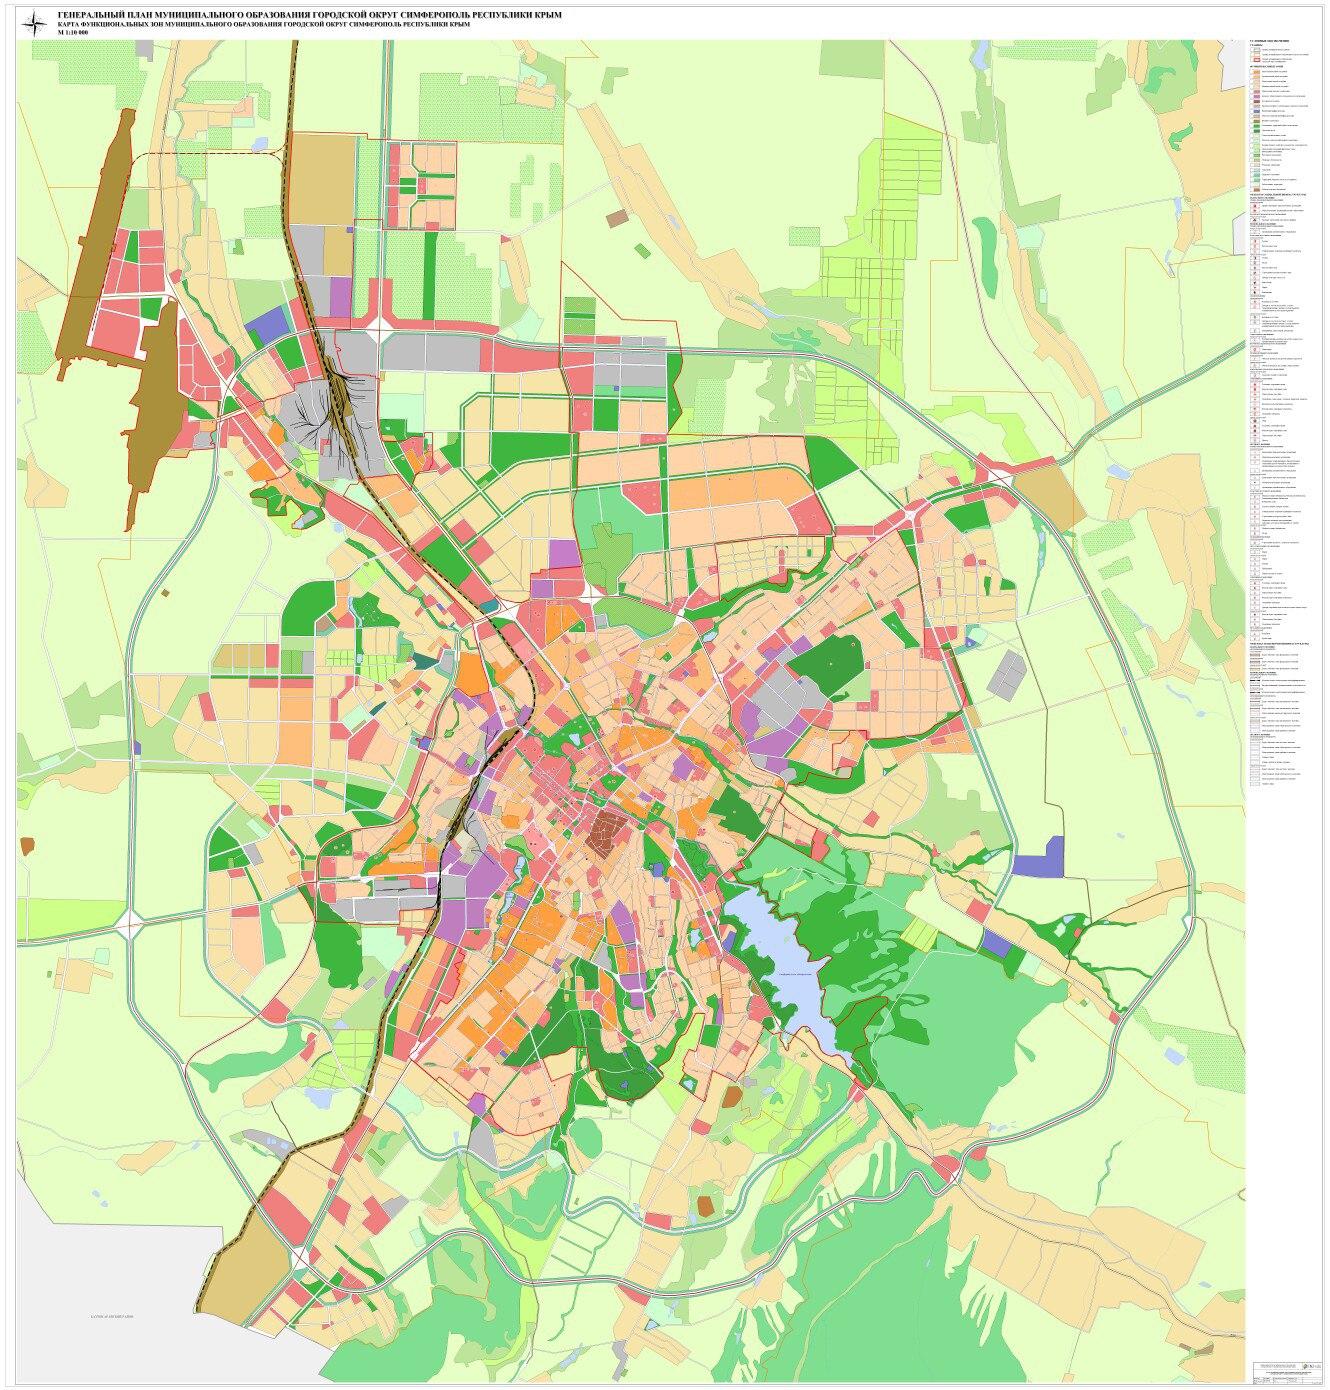 Карта. Генеральный план развития Симферополя с новыми районами жилой застройки и объектами инфраструктуры